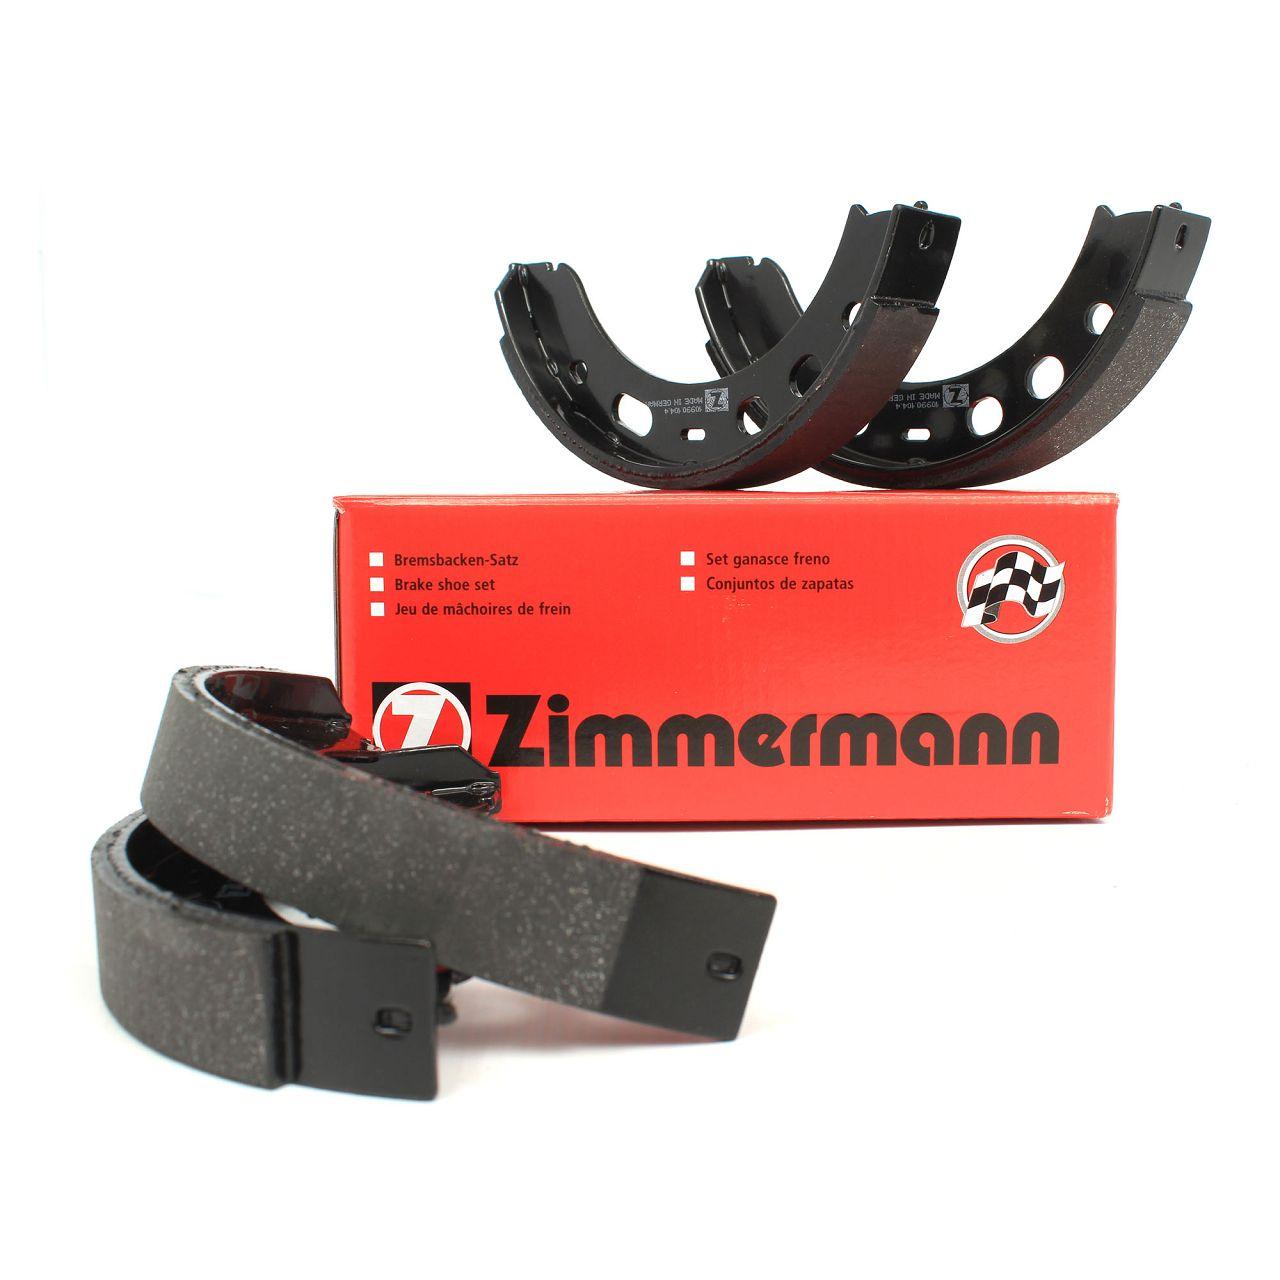 ZIMMERMANN Bremsbacken Satz PORSCHE 911 (964 996 997) 924 928 Boxster Cayman